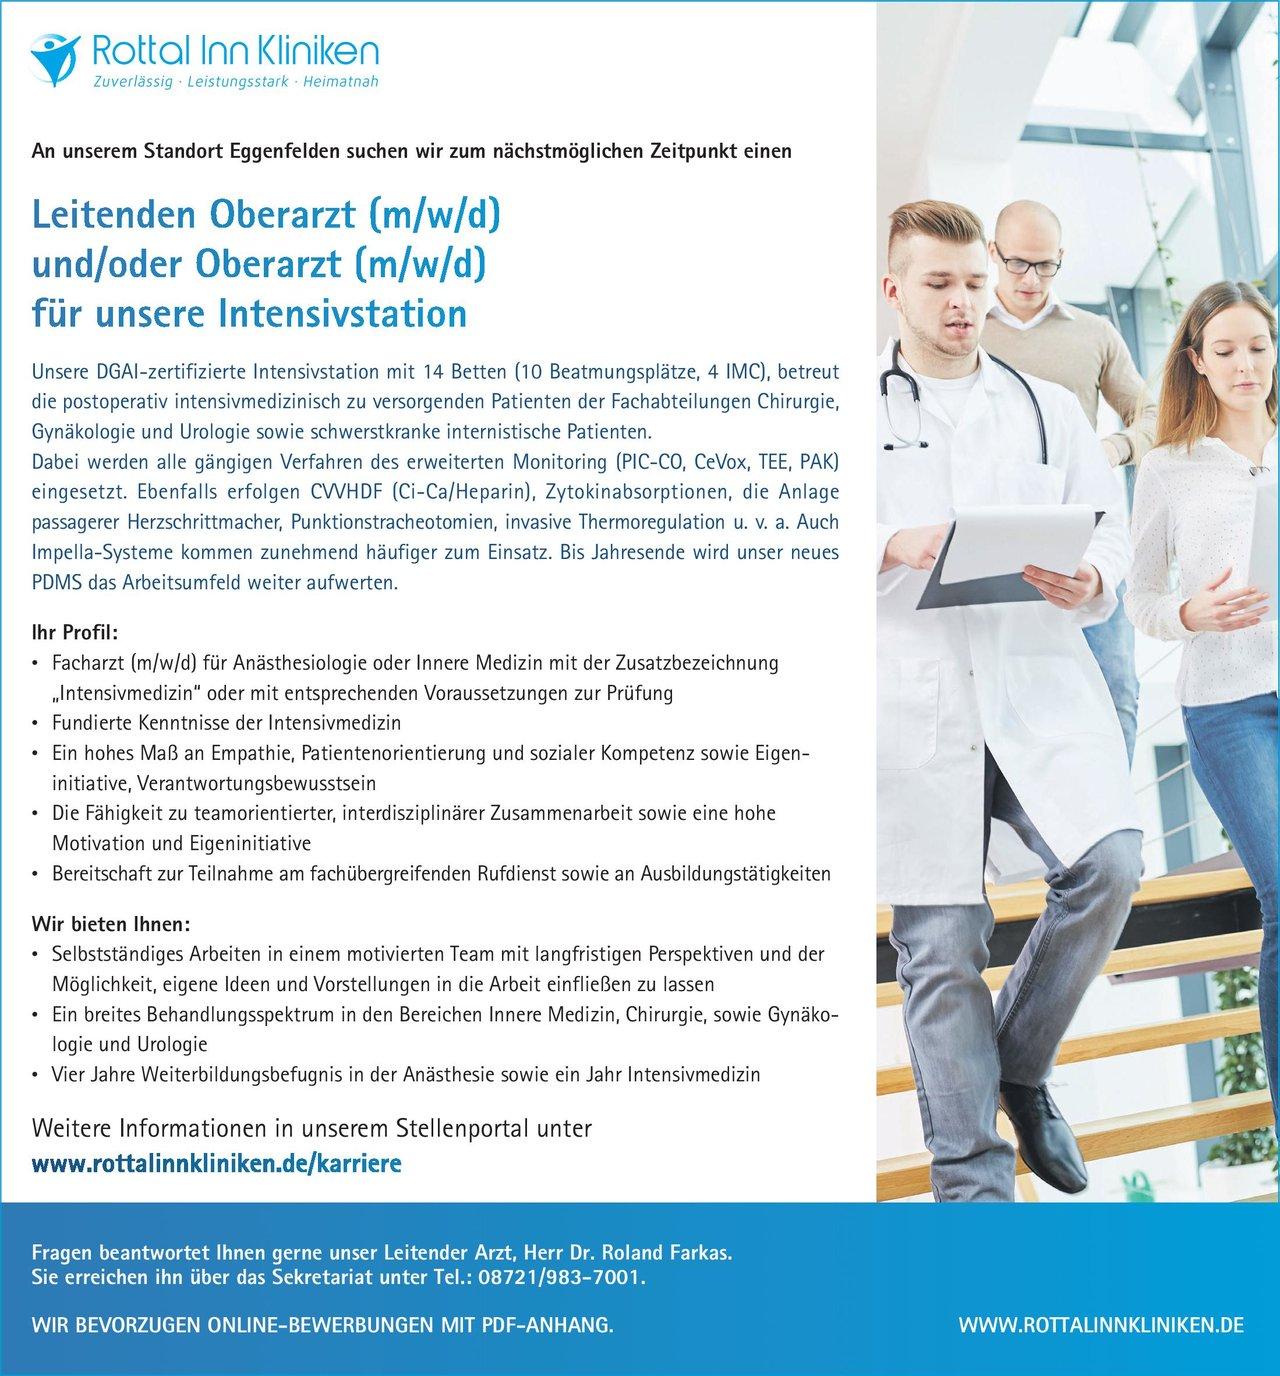 Rottal Inn Kliniken Leitender Oberarzt (m/w/d) und/oder Oberarzt (m/w/d) für unsere Intensivstation Anästhesiologie / Intensivmedizin Oberarzt